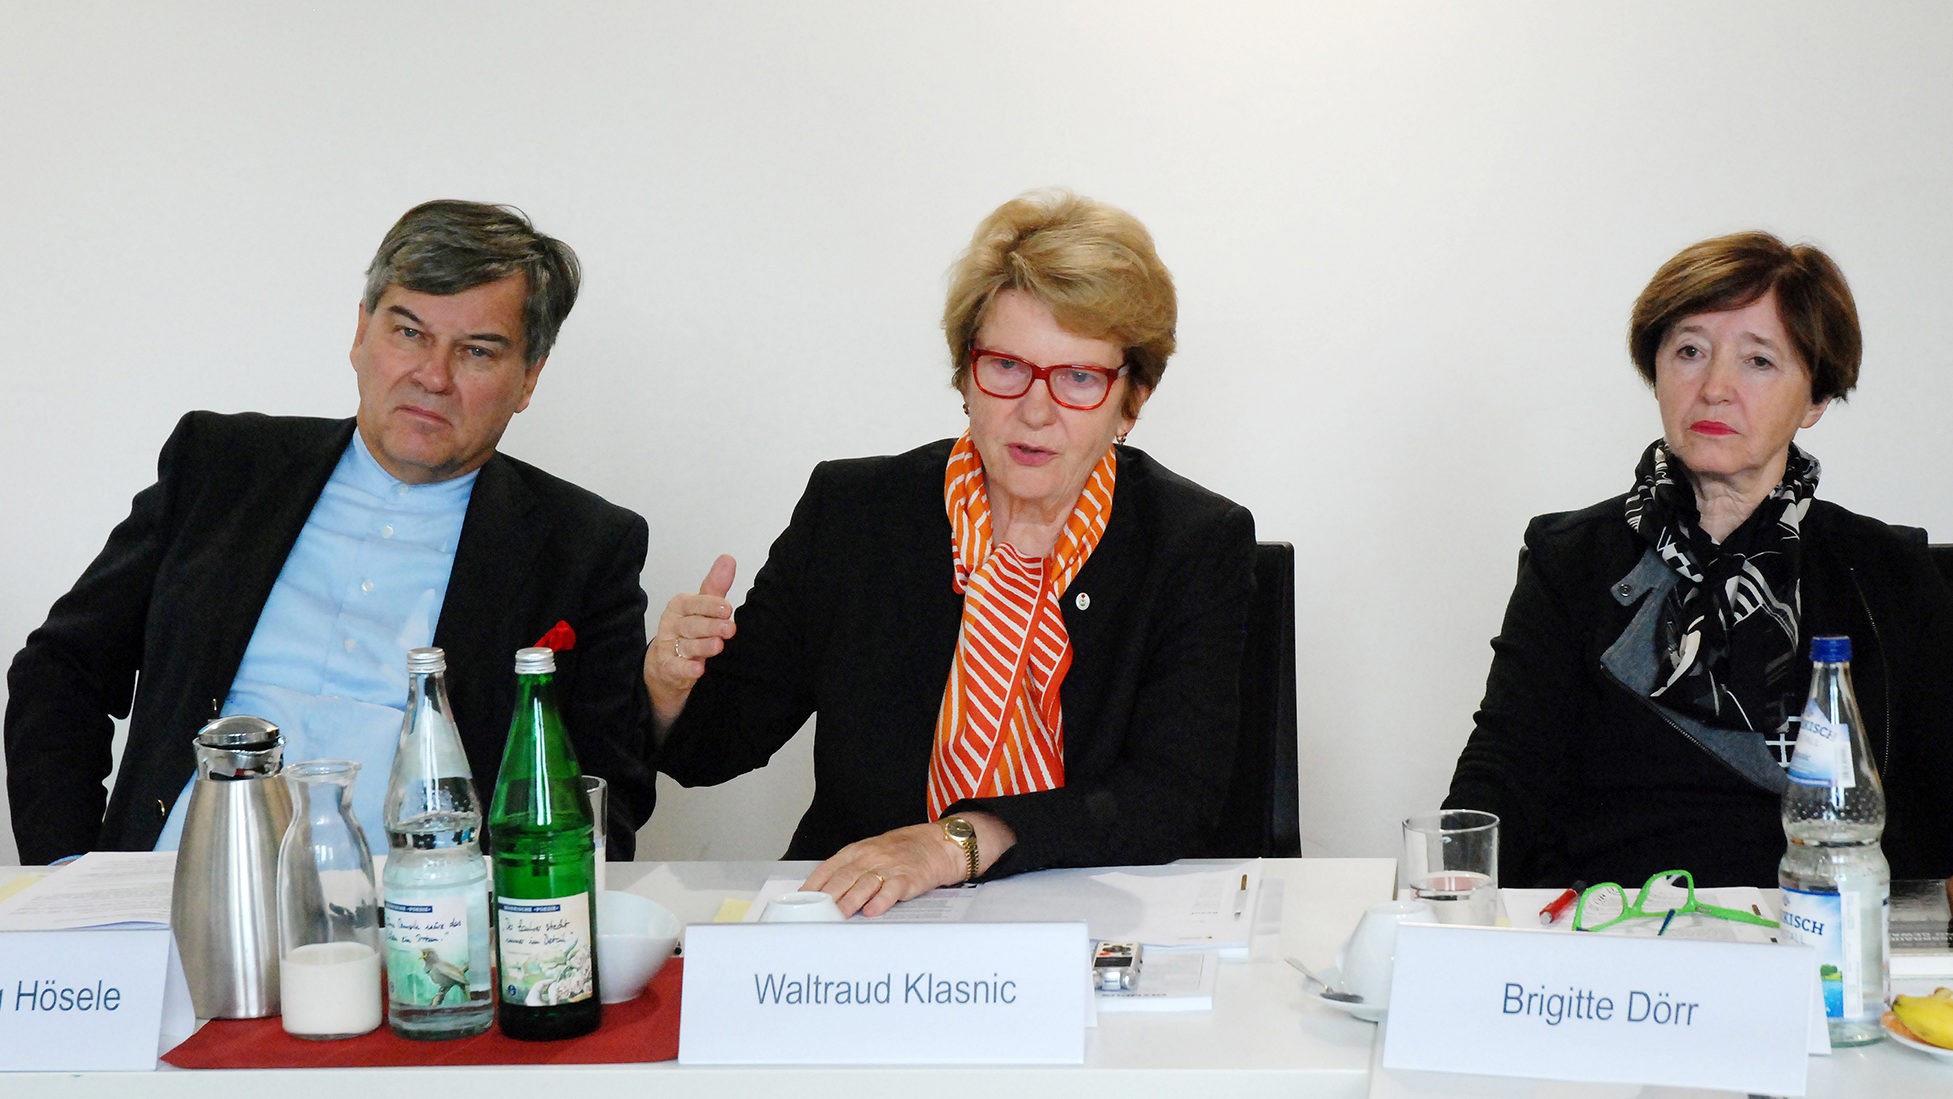 Eine Frau spricht und eine zweite Frau und ein Mann sitzen daneben und hören zu. Die Personen gehören zur Klasnic-Kommission in Österreich.